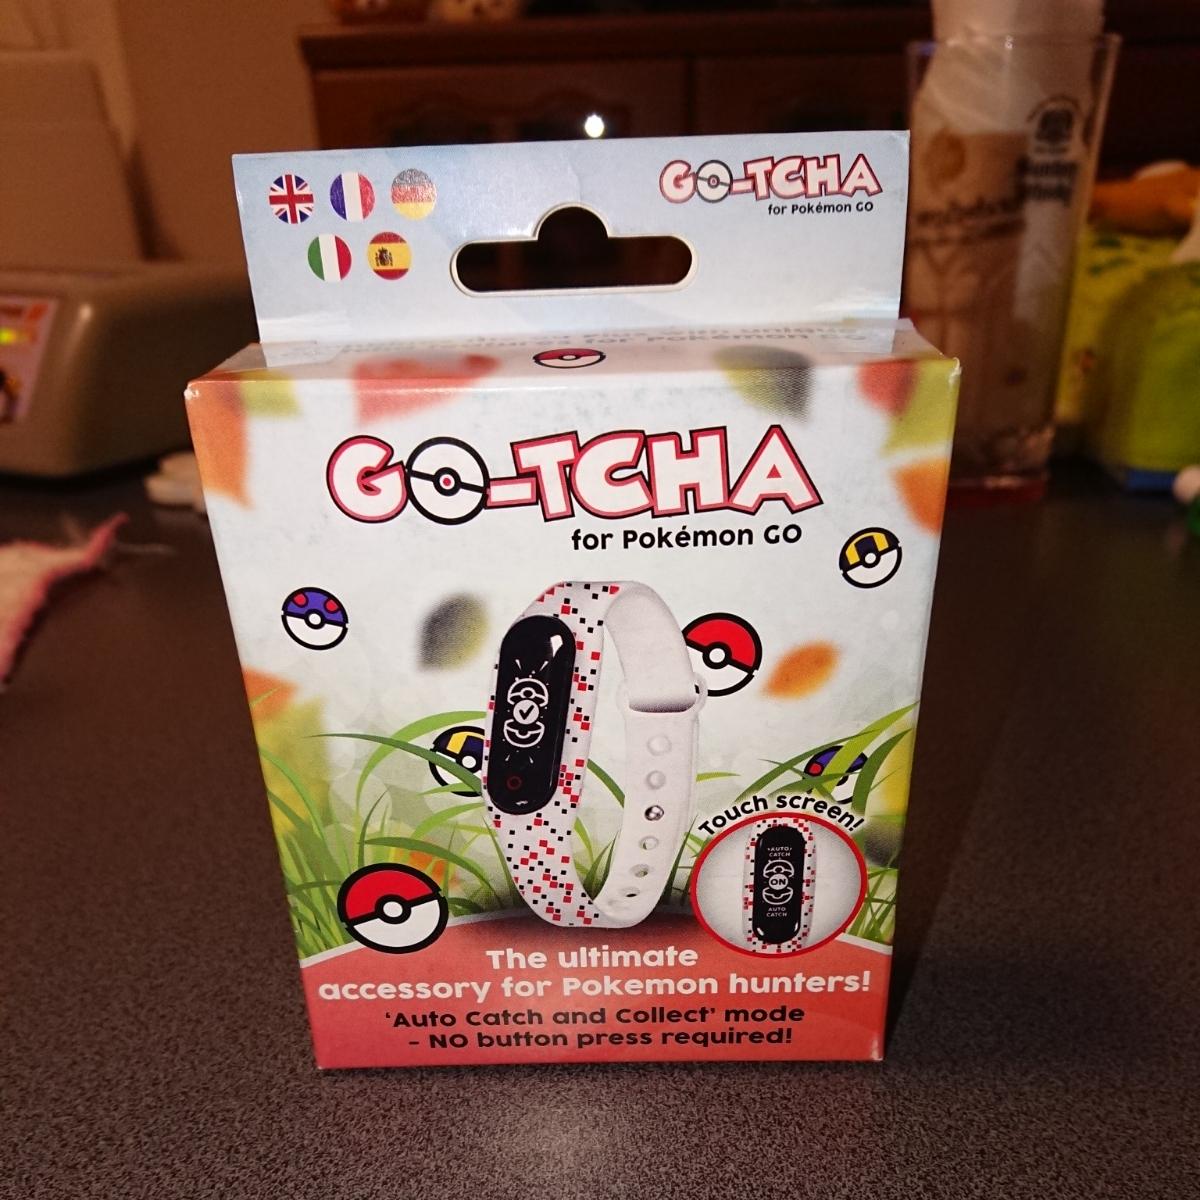 ポケモンGO plus 自動化、改造品より断然お薦め! gotcha 新品 日本語説明書付 充電式 オートキャッチ ゴプラ pokemon A